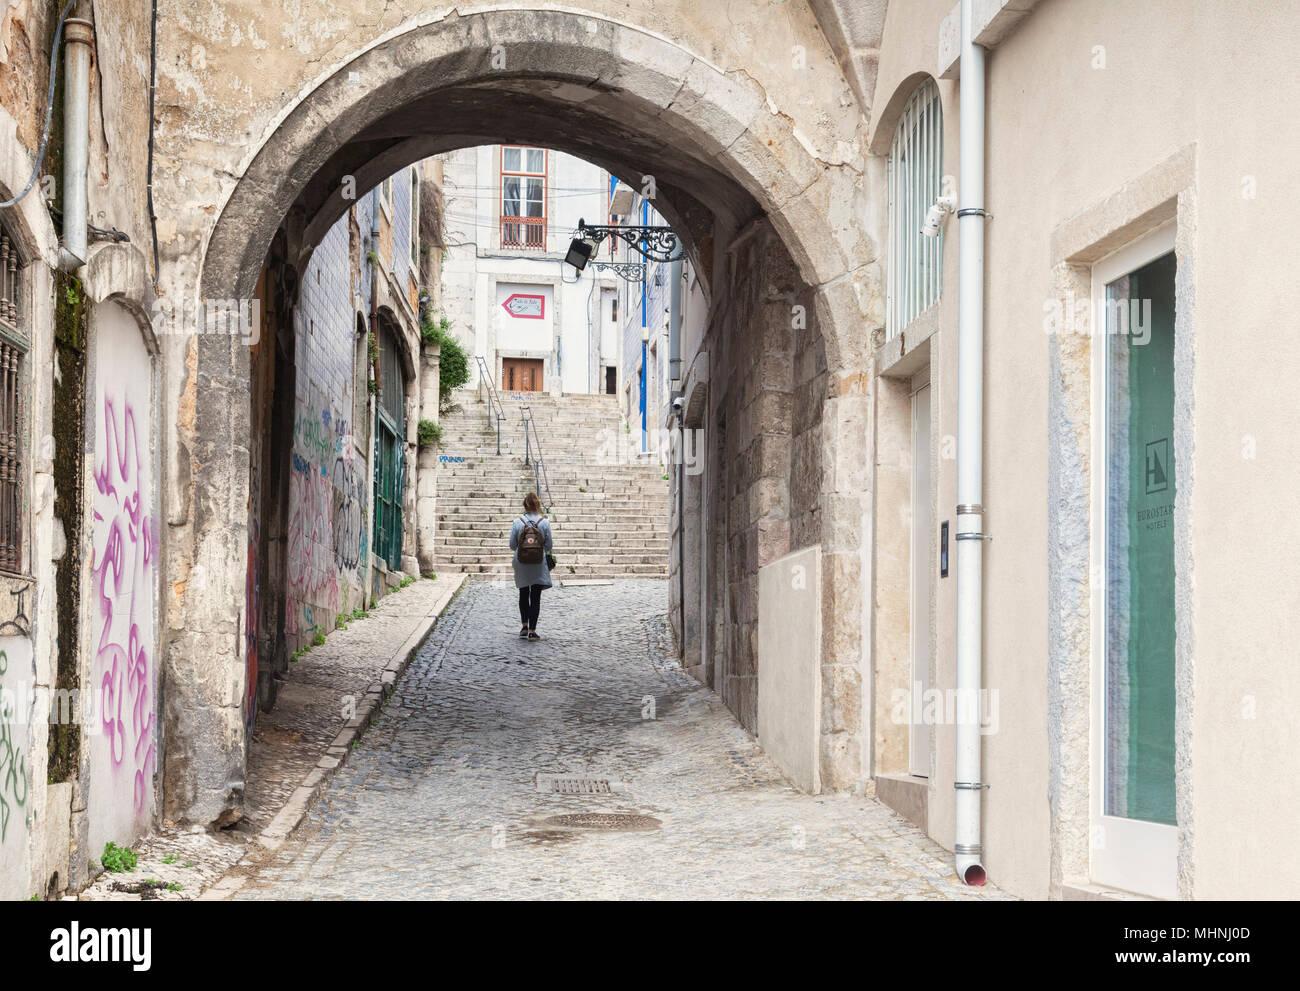 27 Febbraio 2018: Lisbona, Portogallo - Arco de Jesus, o Gesù Arch, una delle antiche porte della città, risalente al XII secolo nell'Alfama distr Immagini Stock